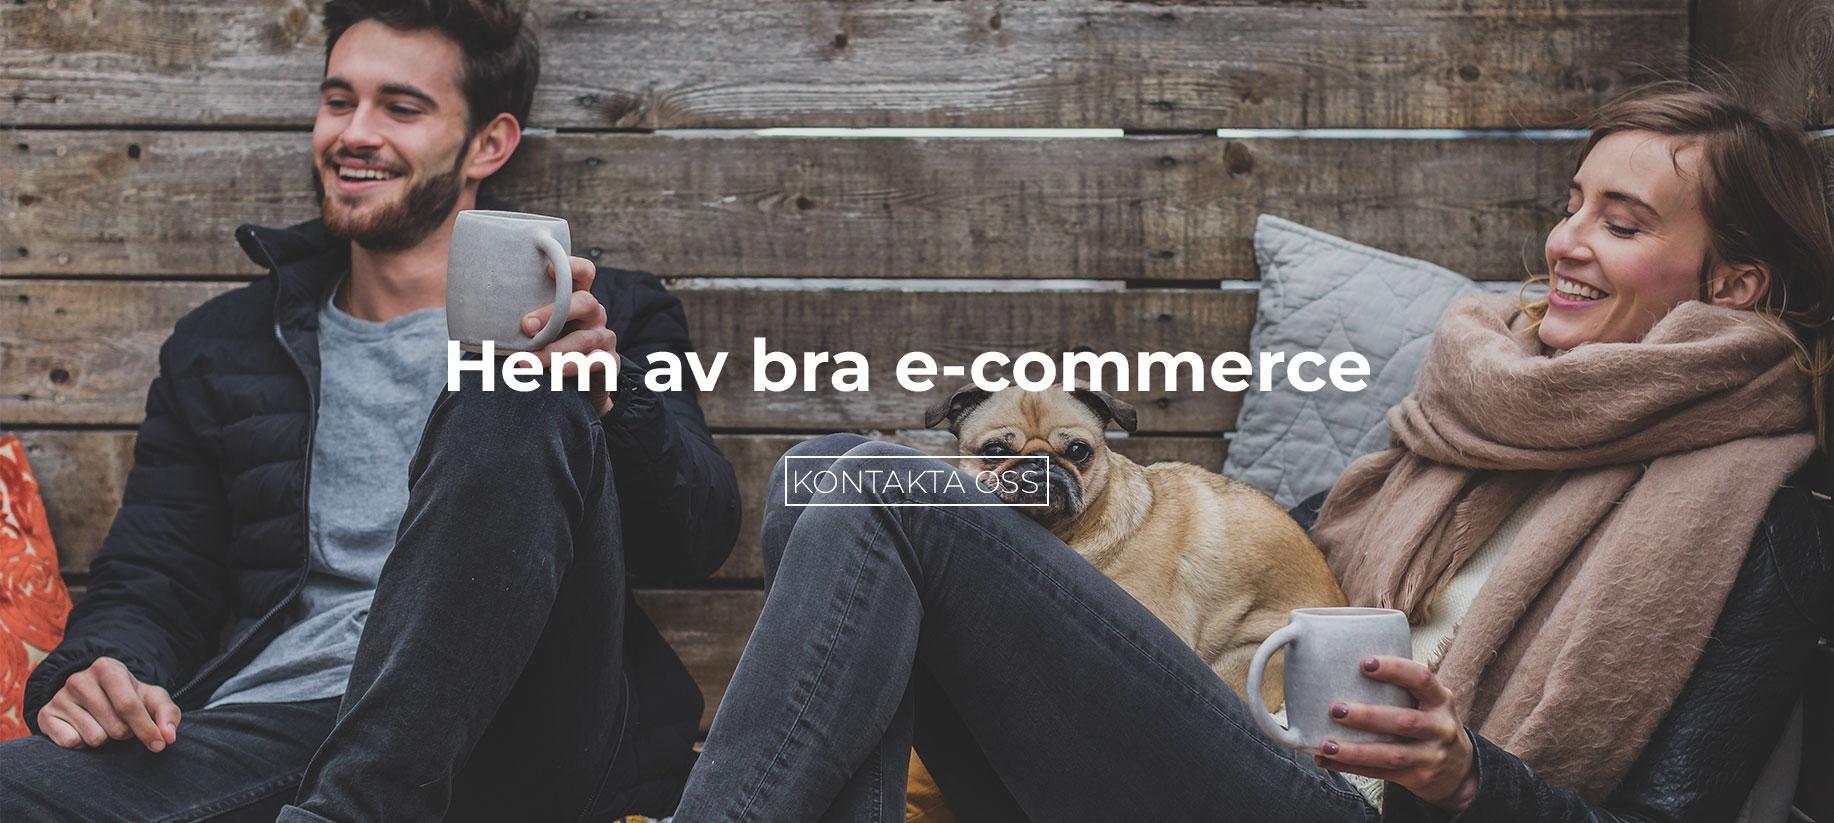 Hem av bra e-commerce